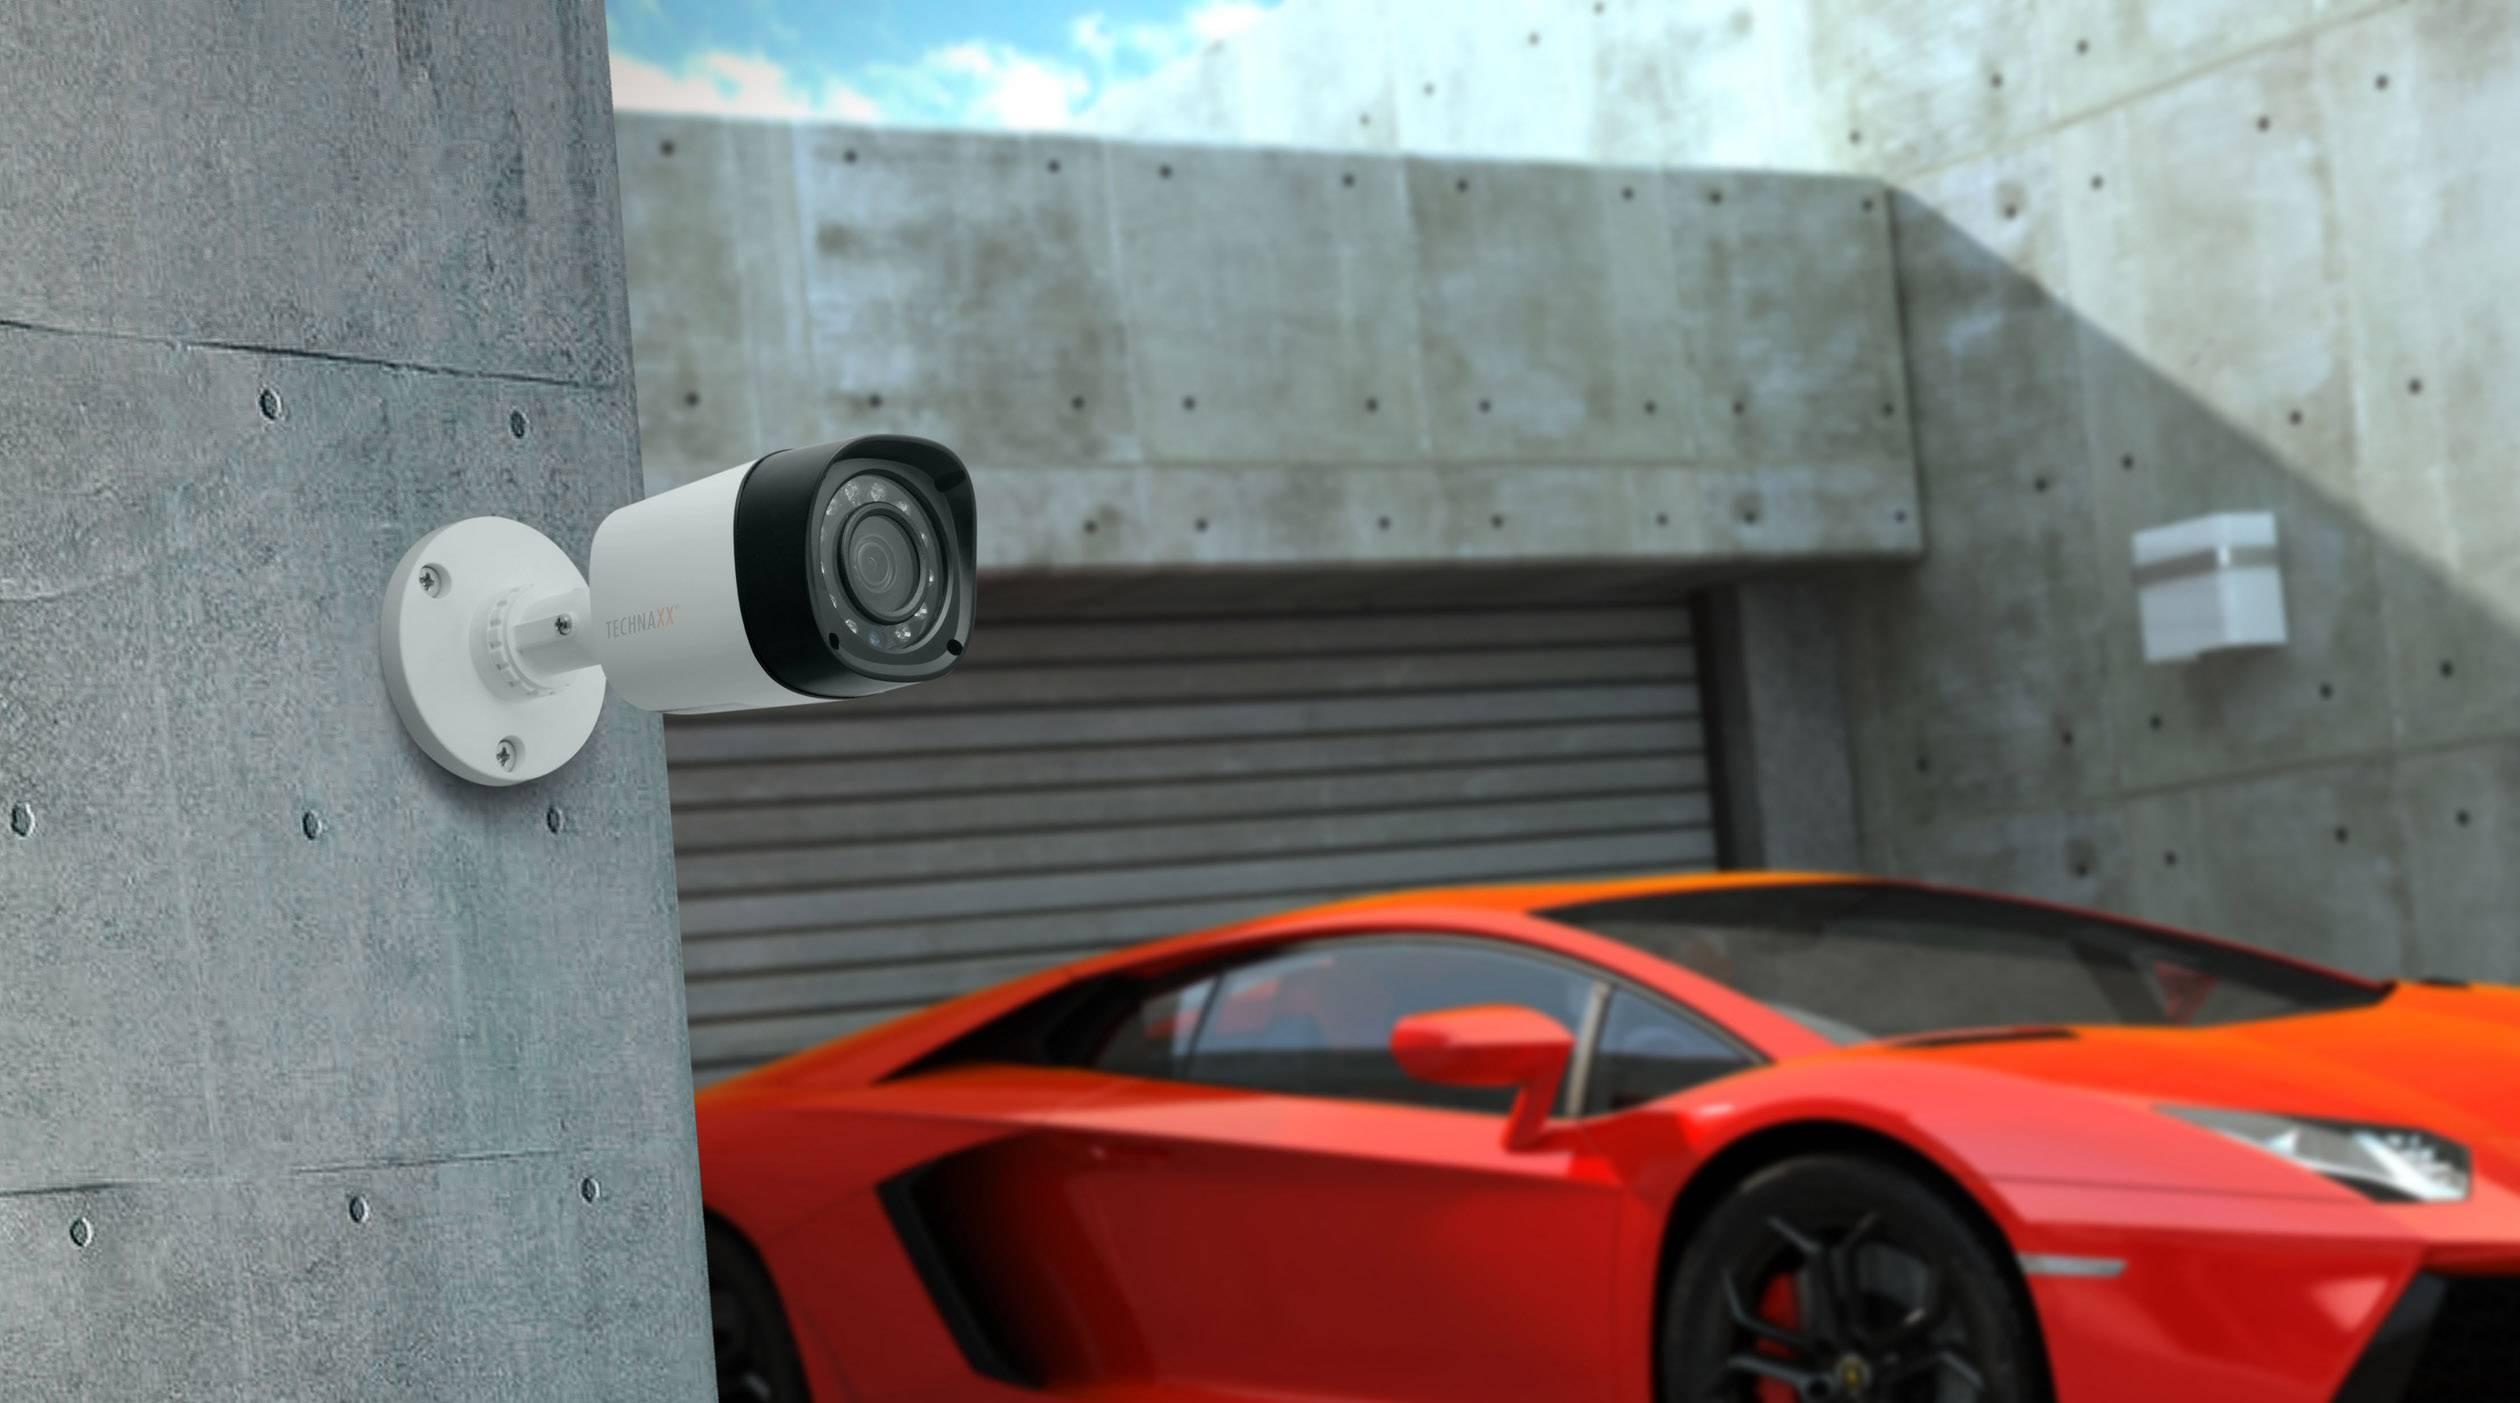 Überwachungskameras für den Rundumblick